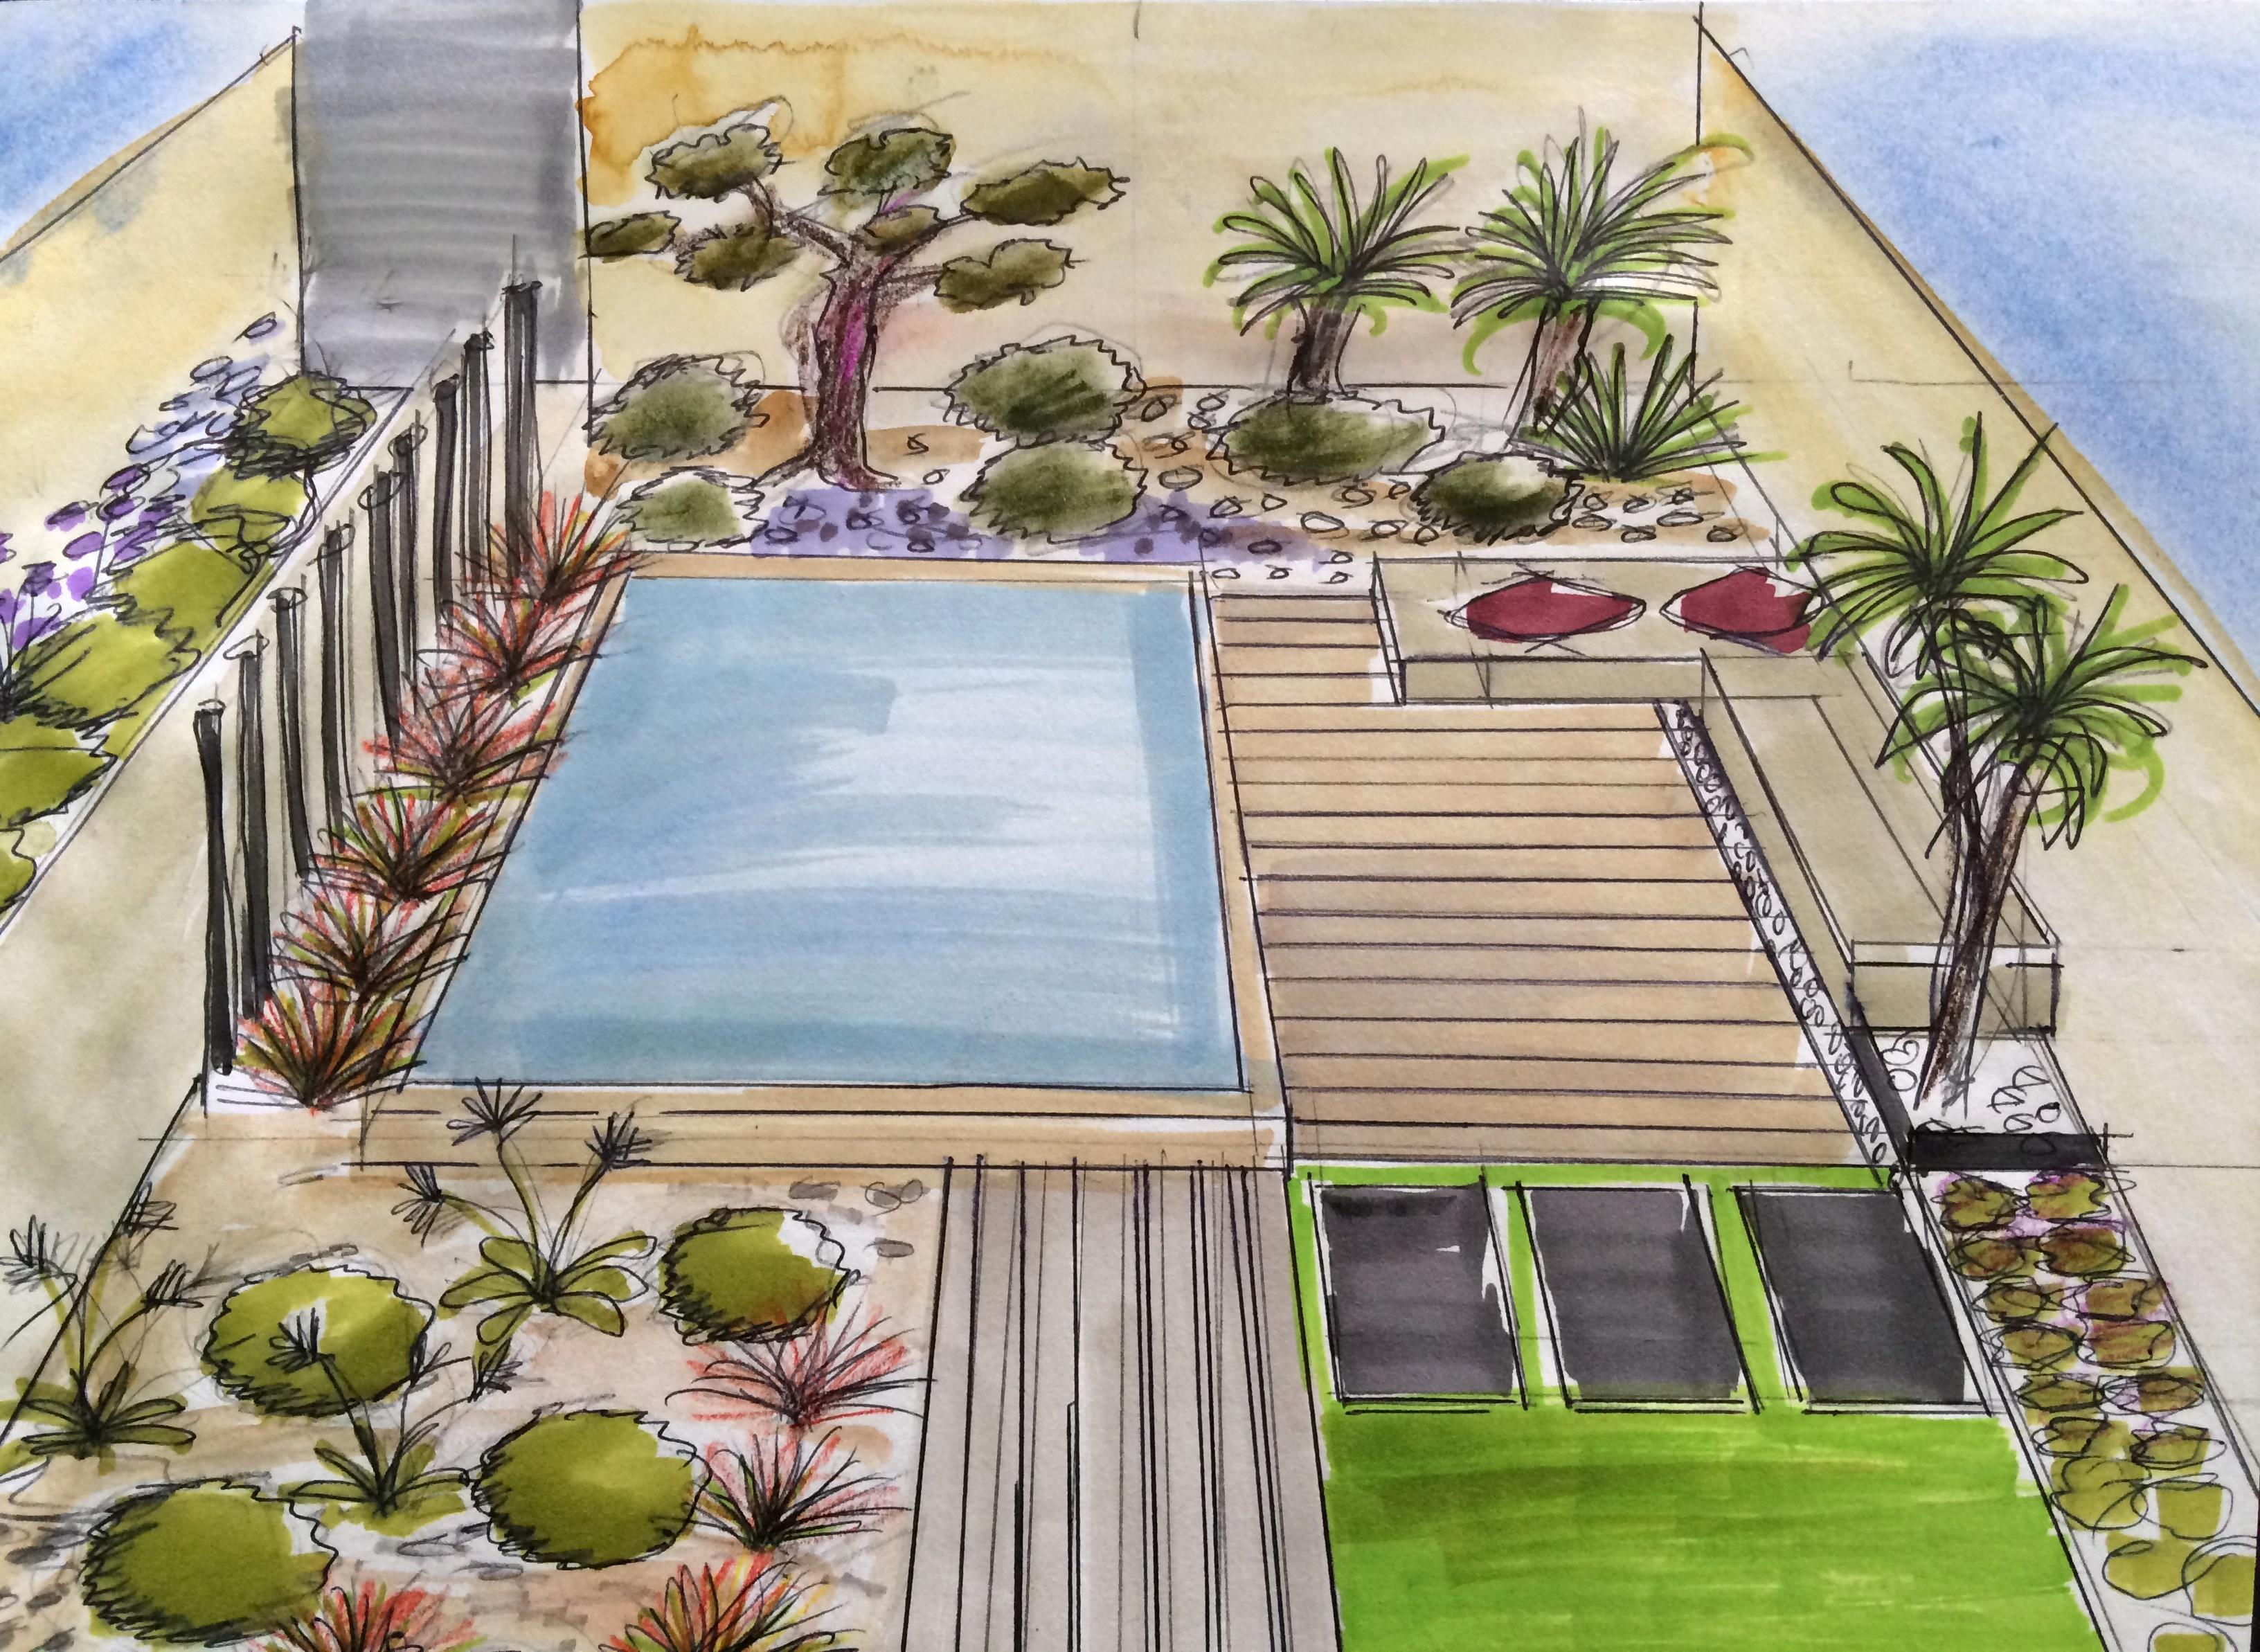 Comment Aménager Un Petit Jardin De Moins De 100 M² Avec Une ... encequiconcerne Petit Jardin Paysager